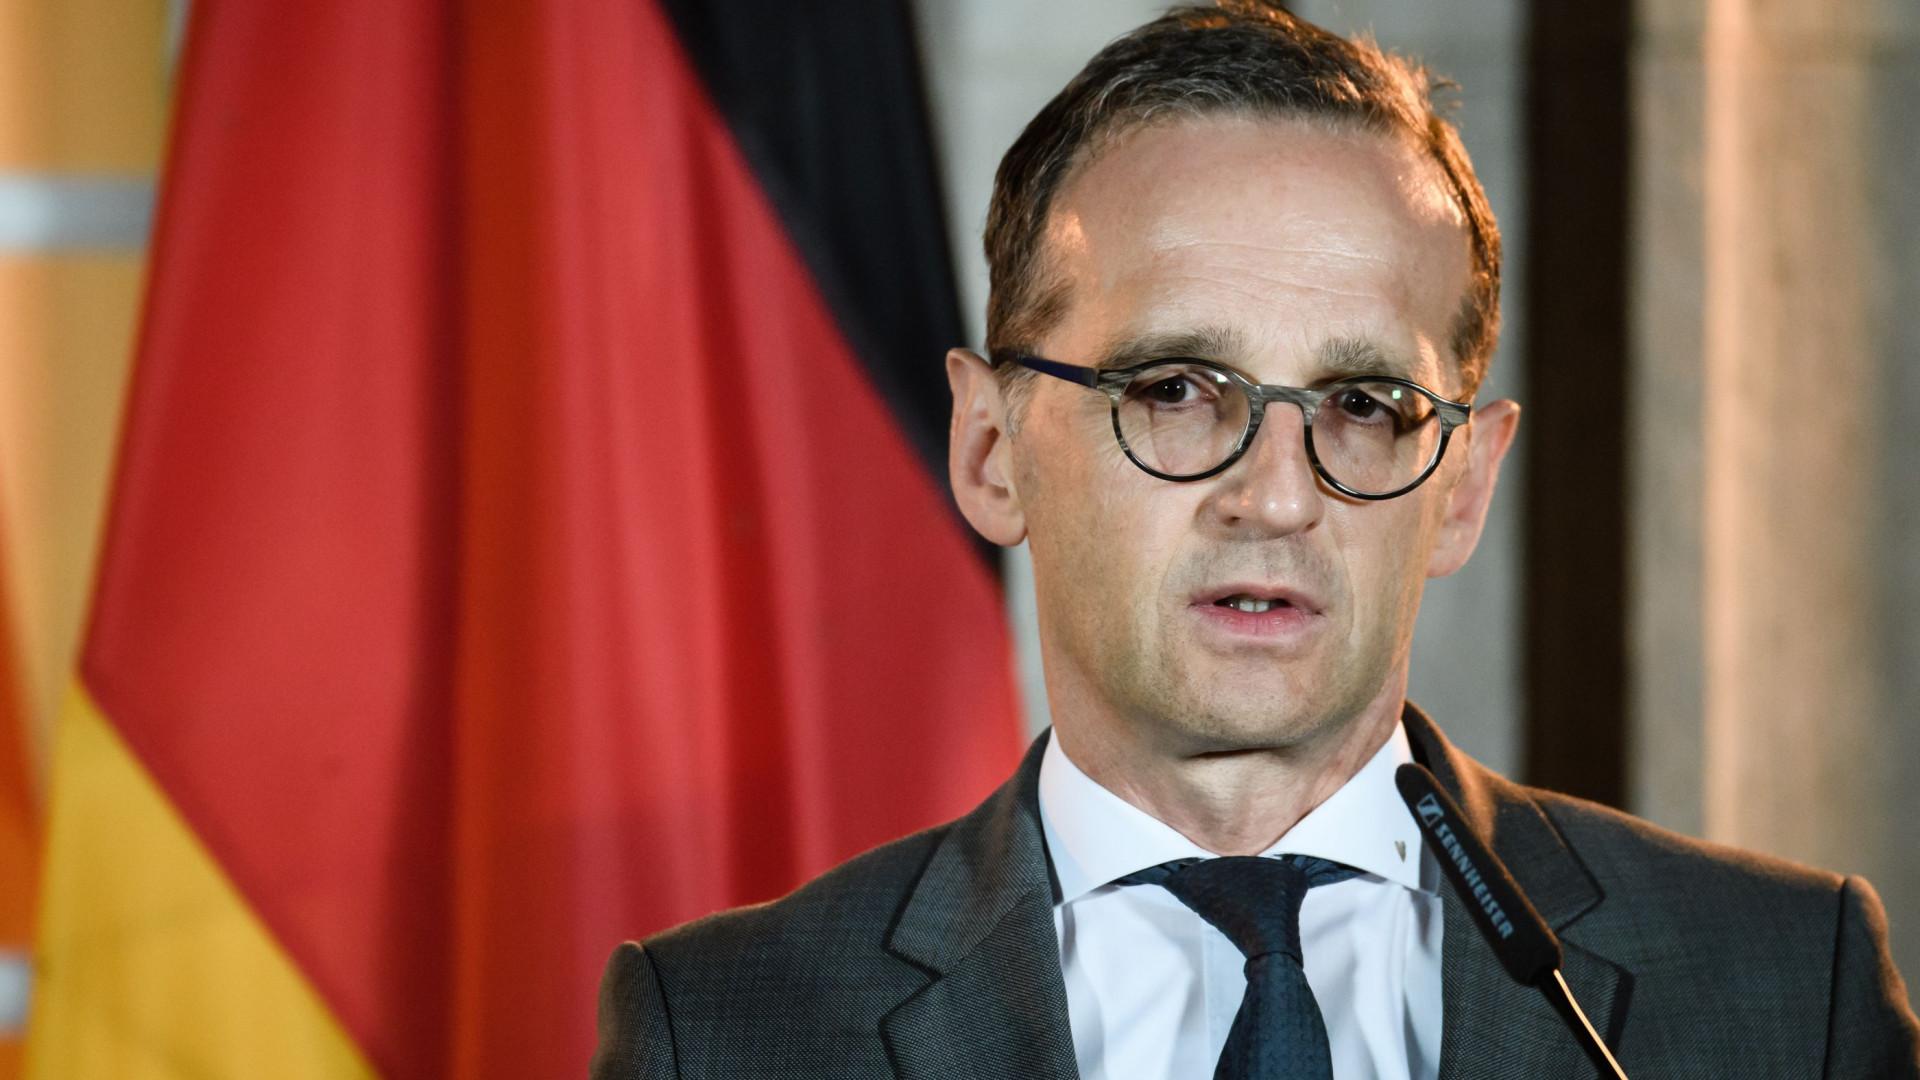 Ministro alemão diz que União Europeia deve reajustar relação com EUA